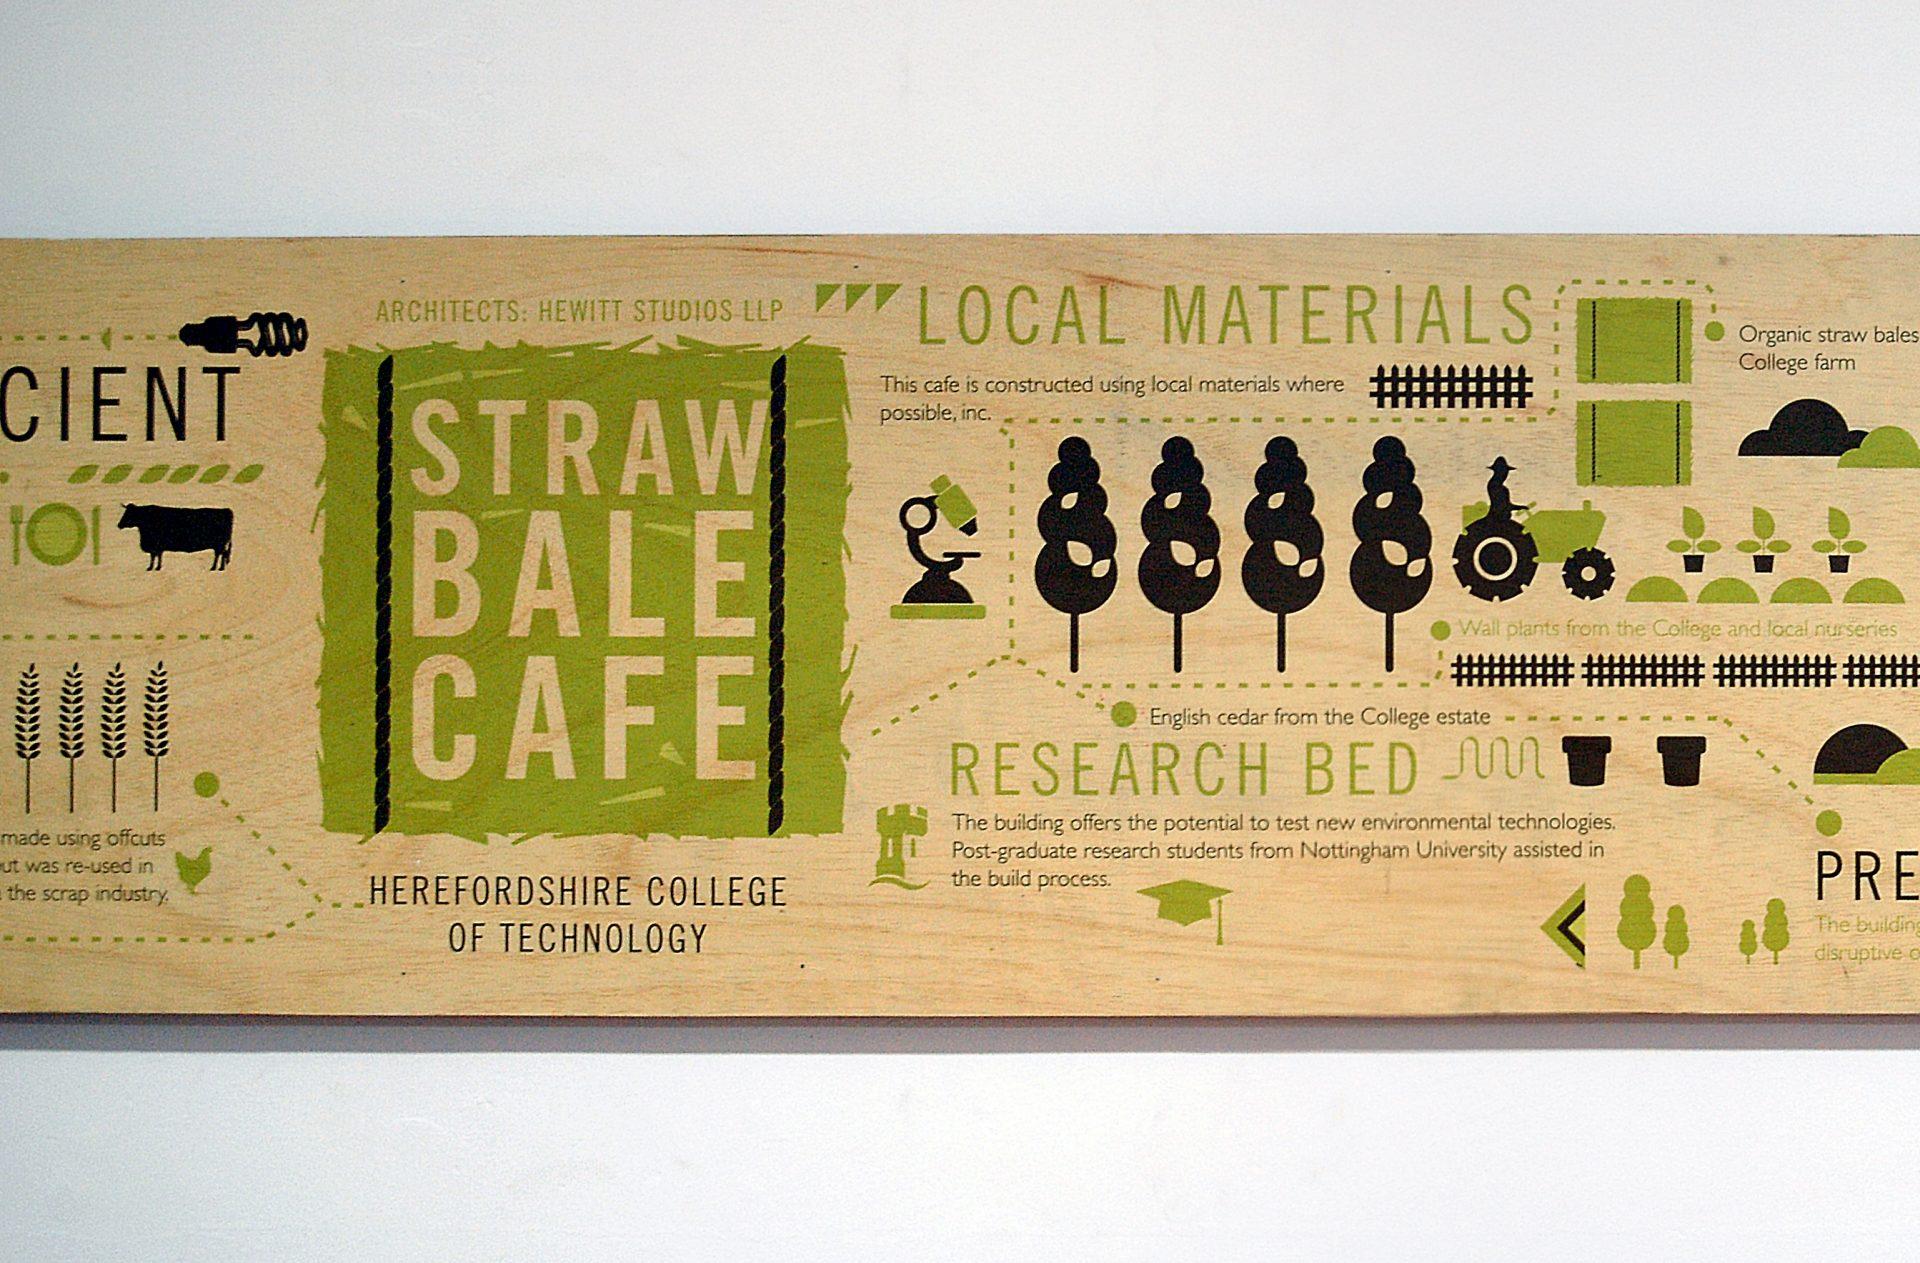 Straw bale cafe